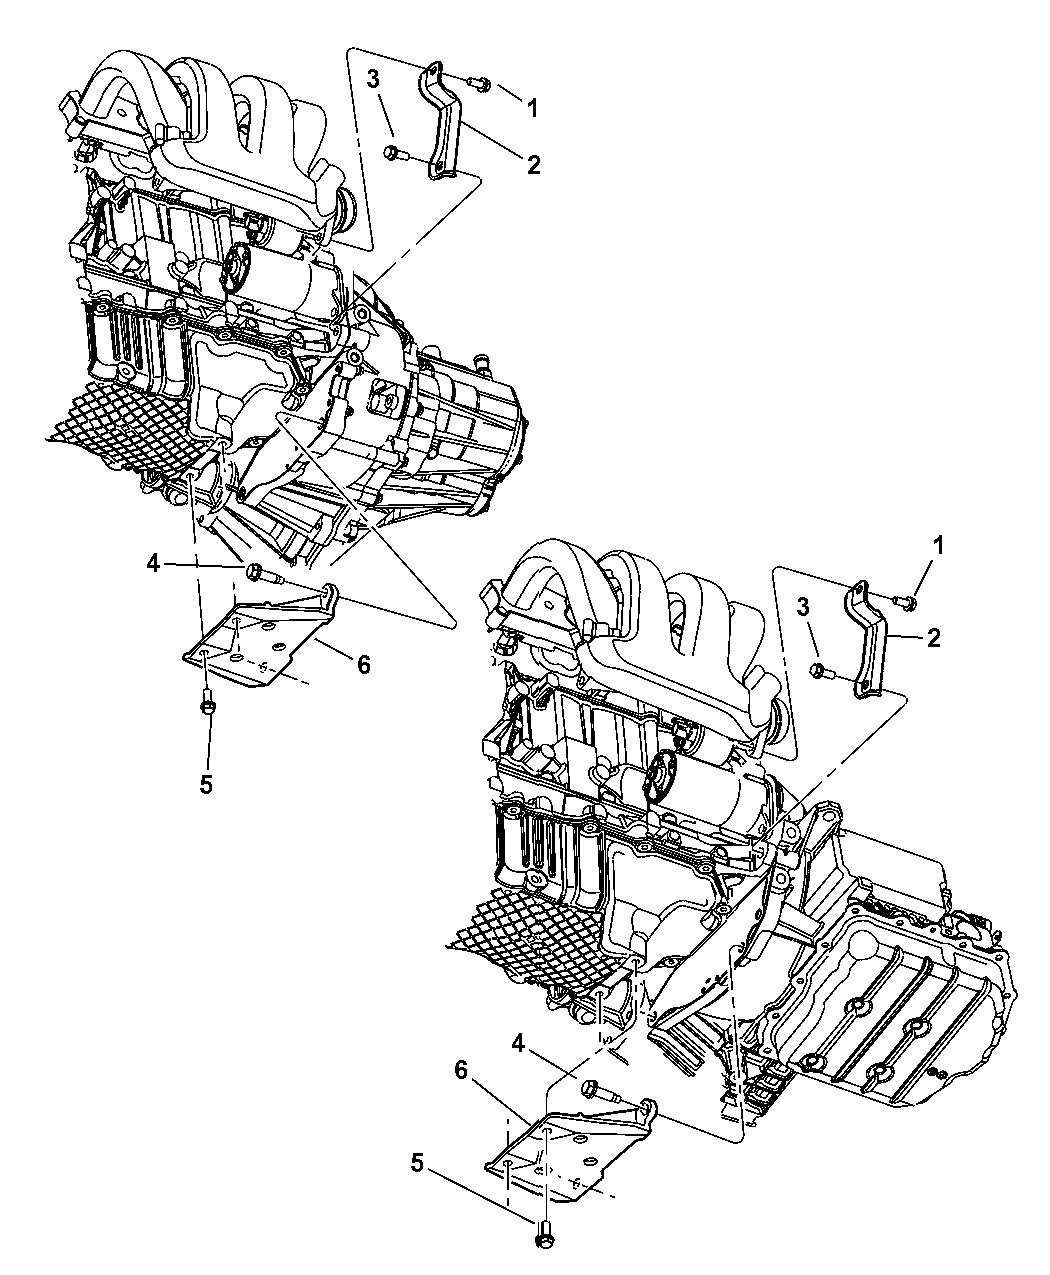 srt4 belt diagram 2005 dodge neon support structural collar   intake manifold  2005 dodge neon support structural